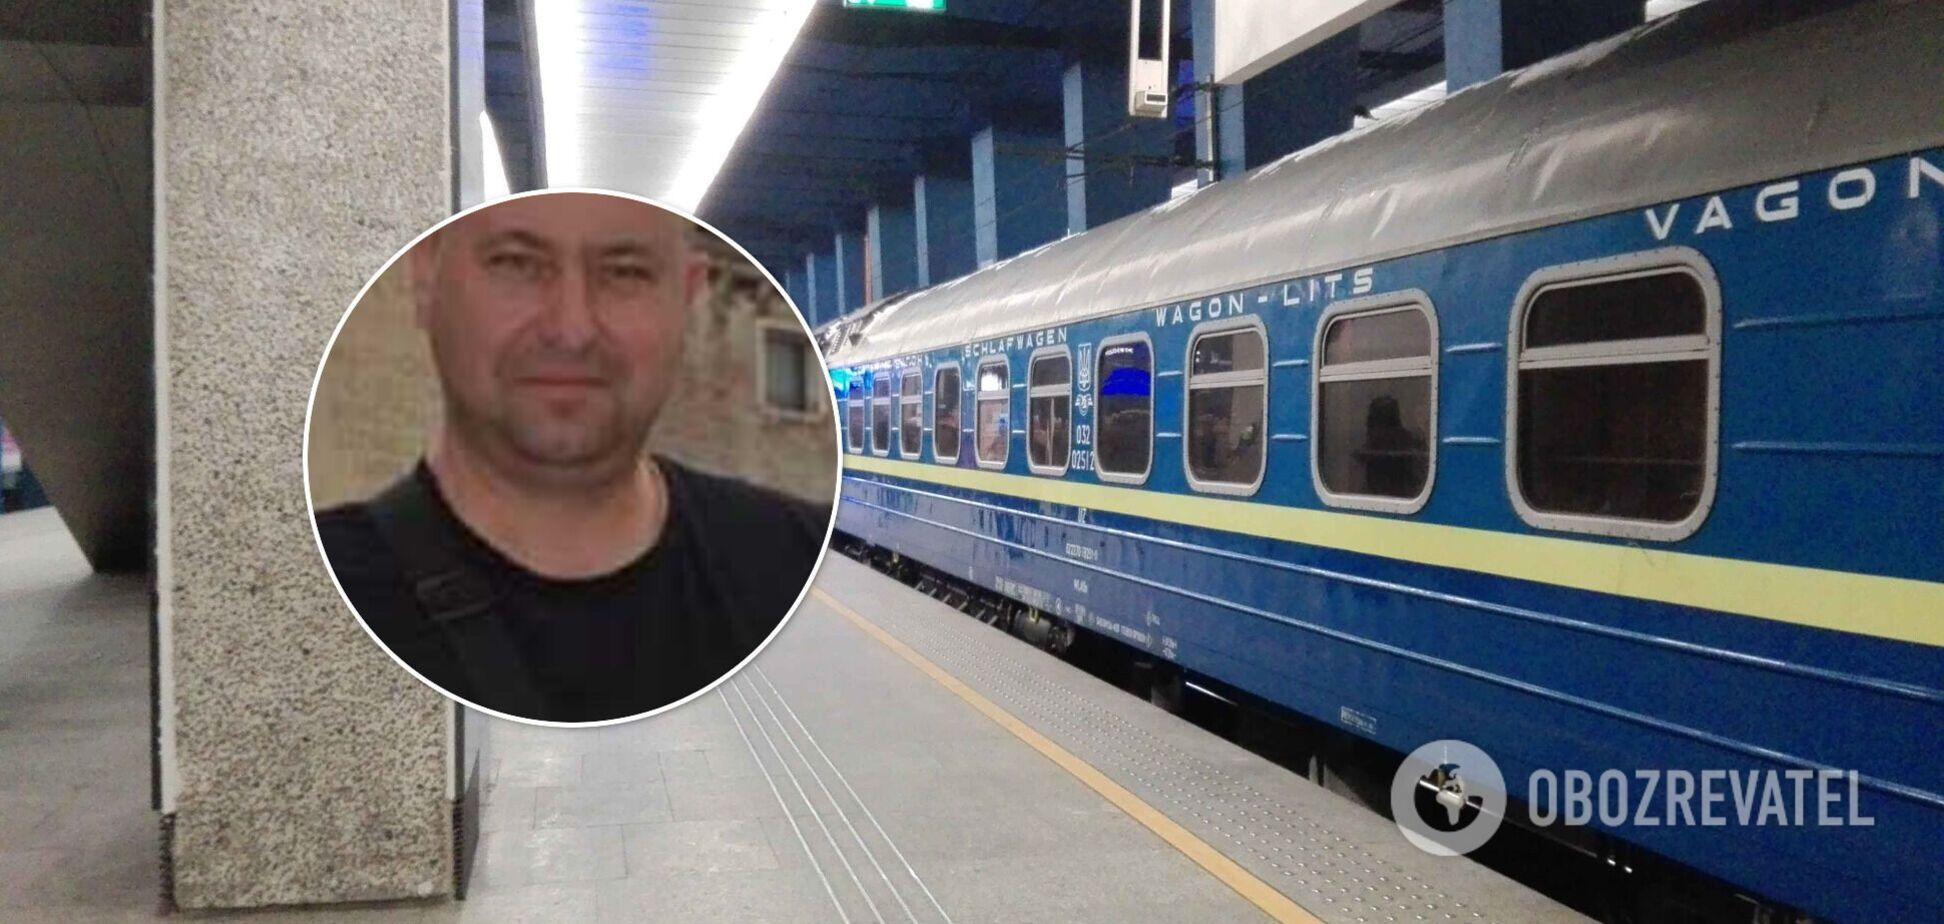 Чиновник СБУ влаштував дебош у поїзді та чинив опір поліції. Відео